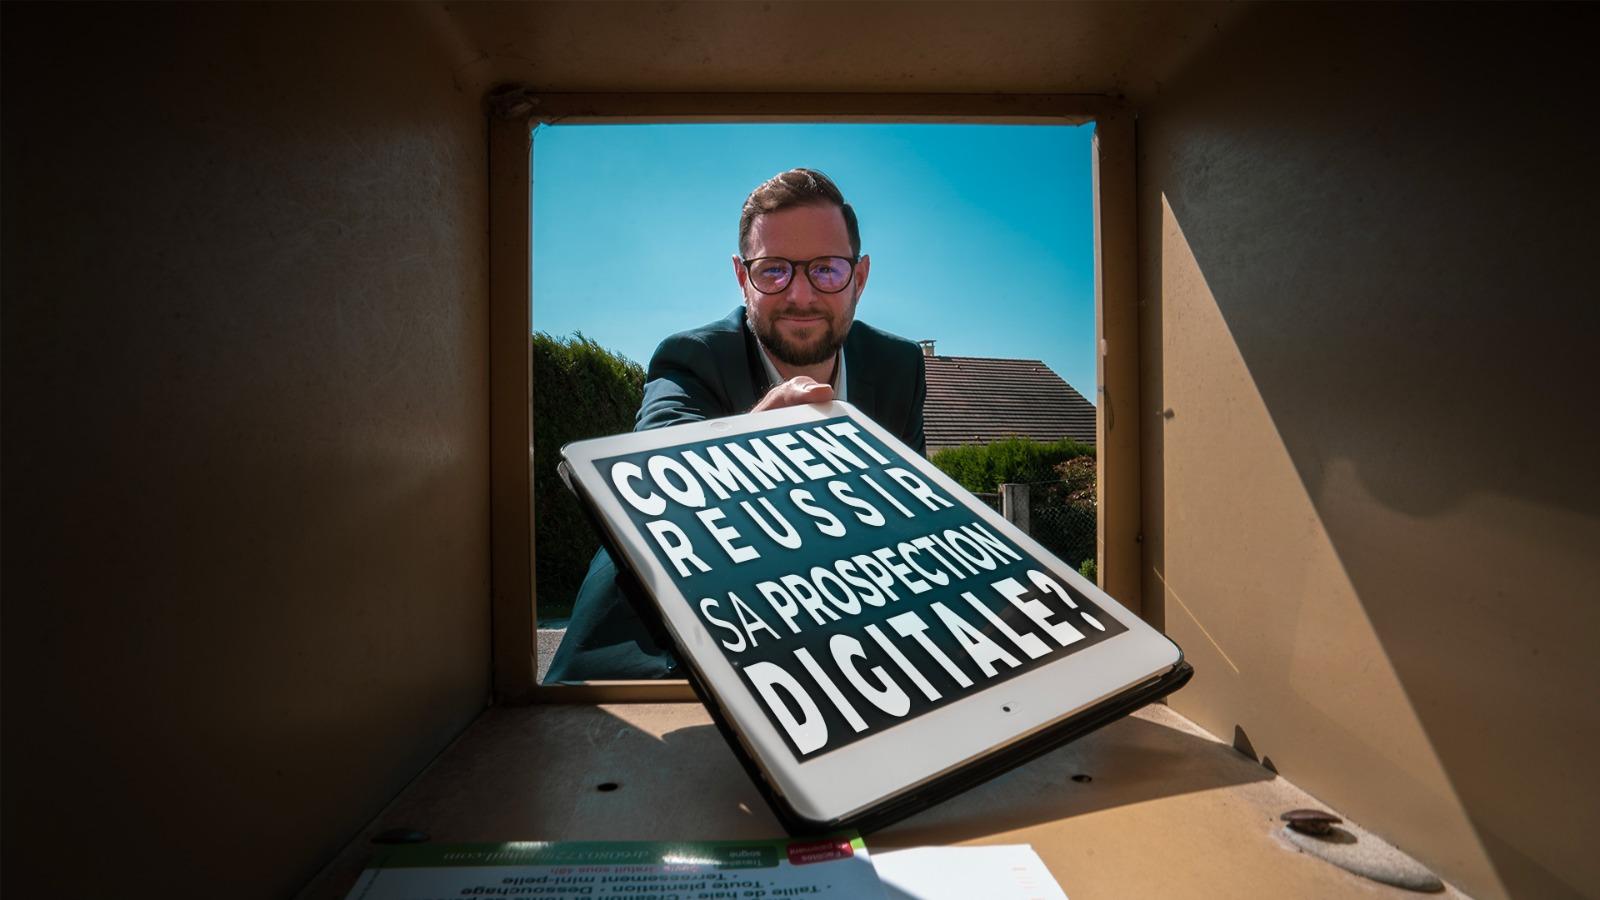 🎬 Comment RÉUSSIR sa prospection digitale en immobilier ?